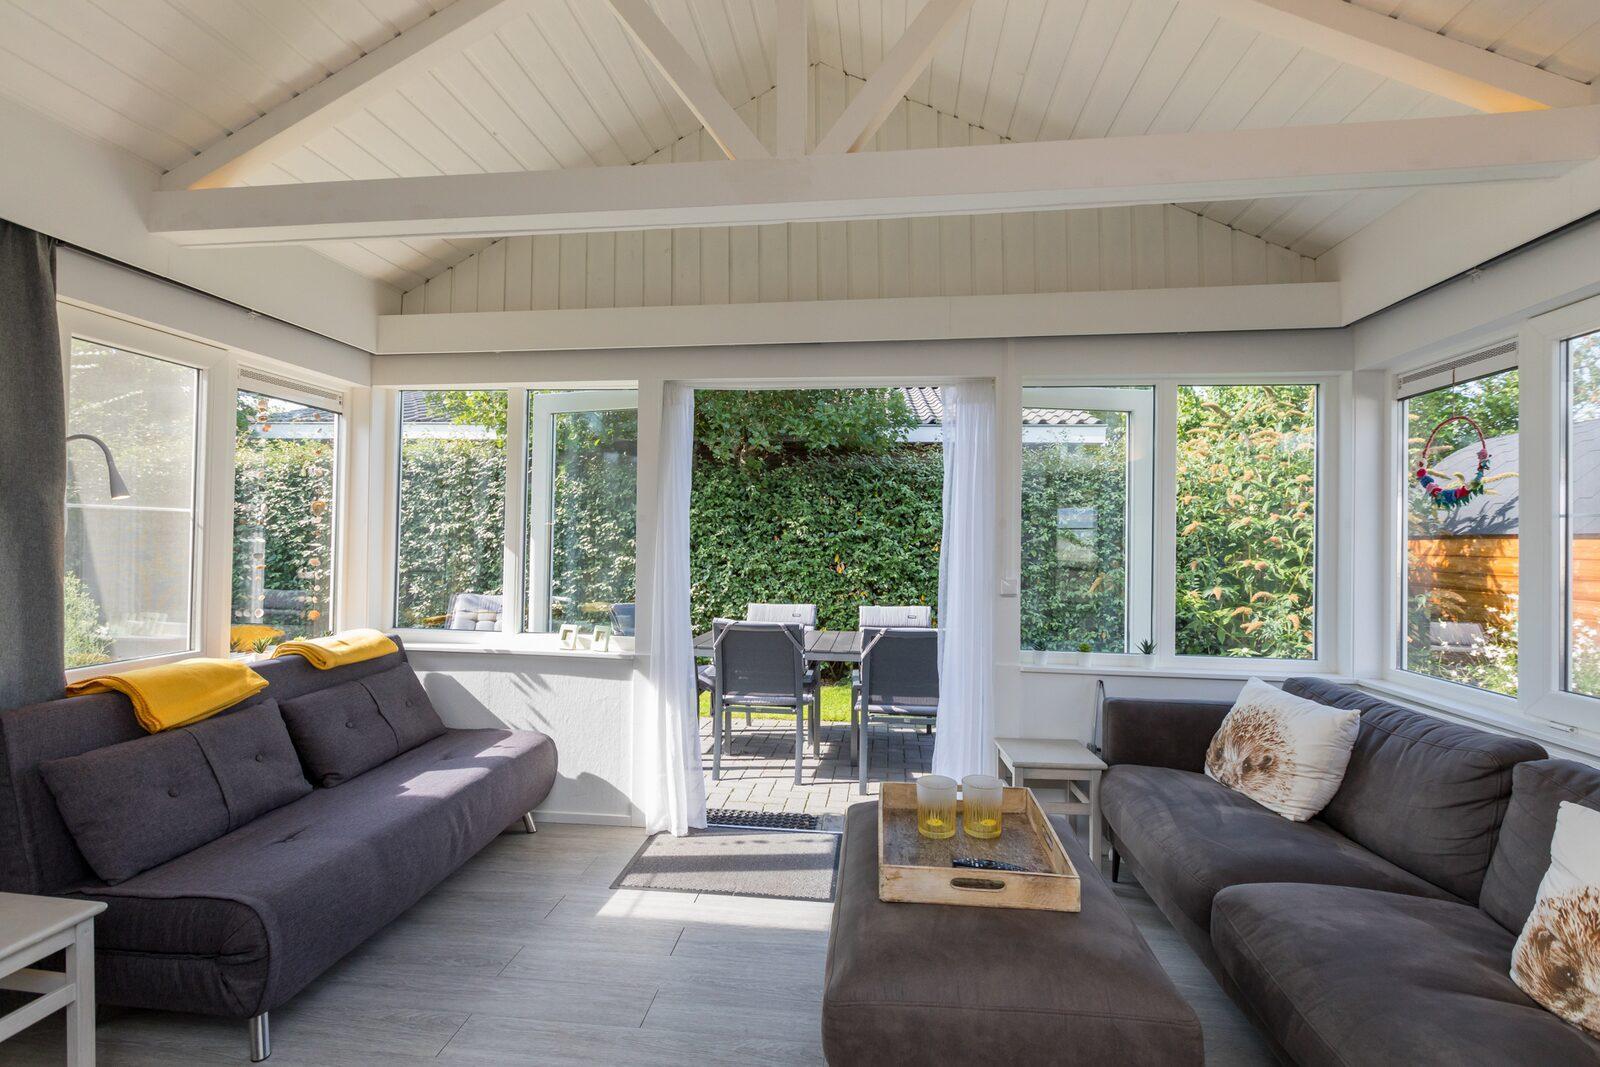 Ferienhaus für 6 Personen ca 50 m² in Oostkapelle Zeeland Küste von Zeeland